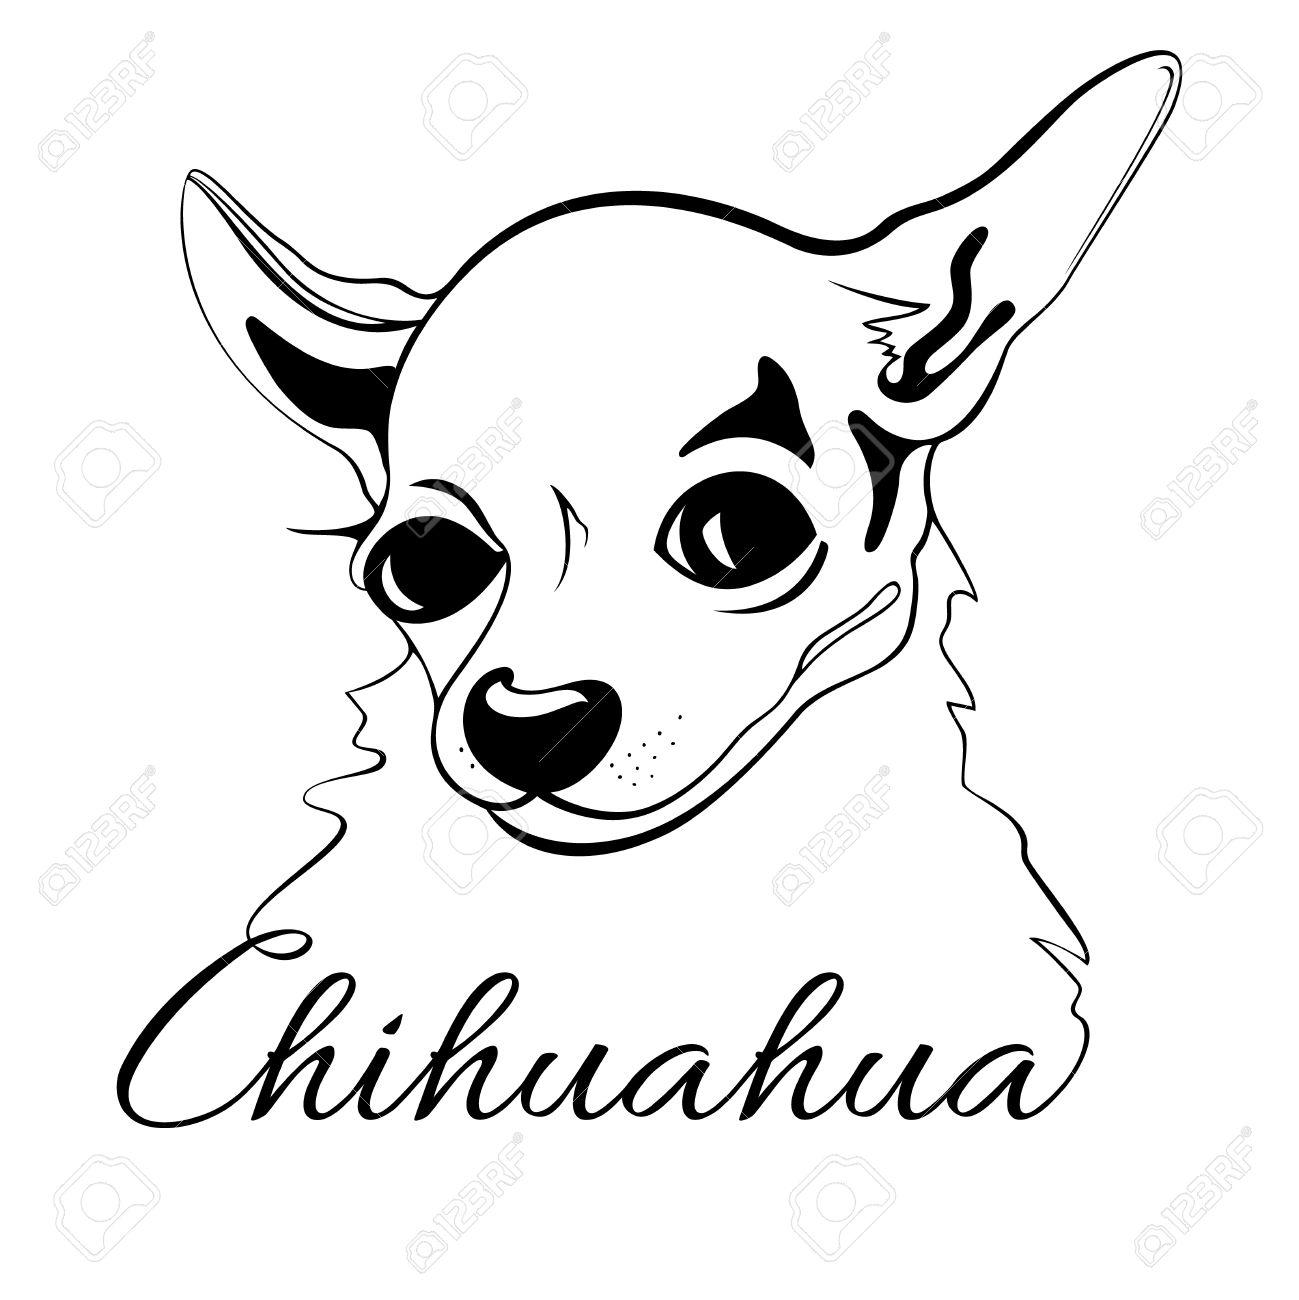 Dessin De Contour De La Tête Du Chien Et Les Mots Chihuahua